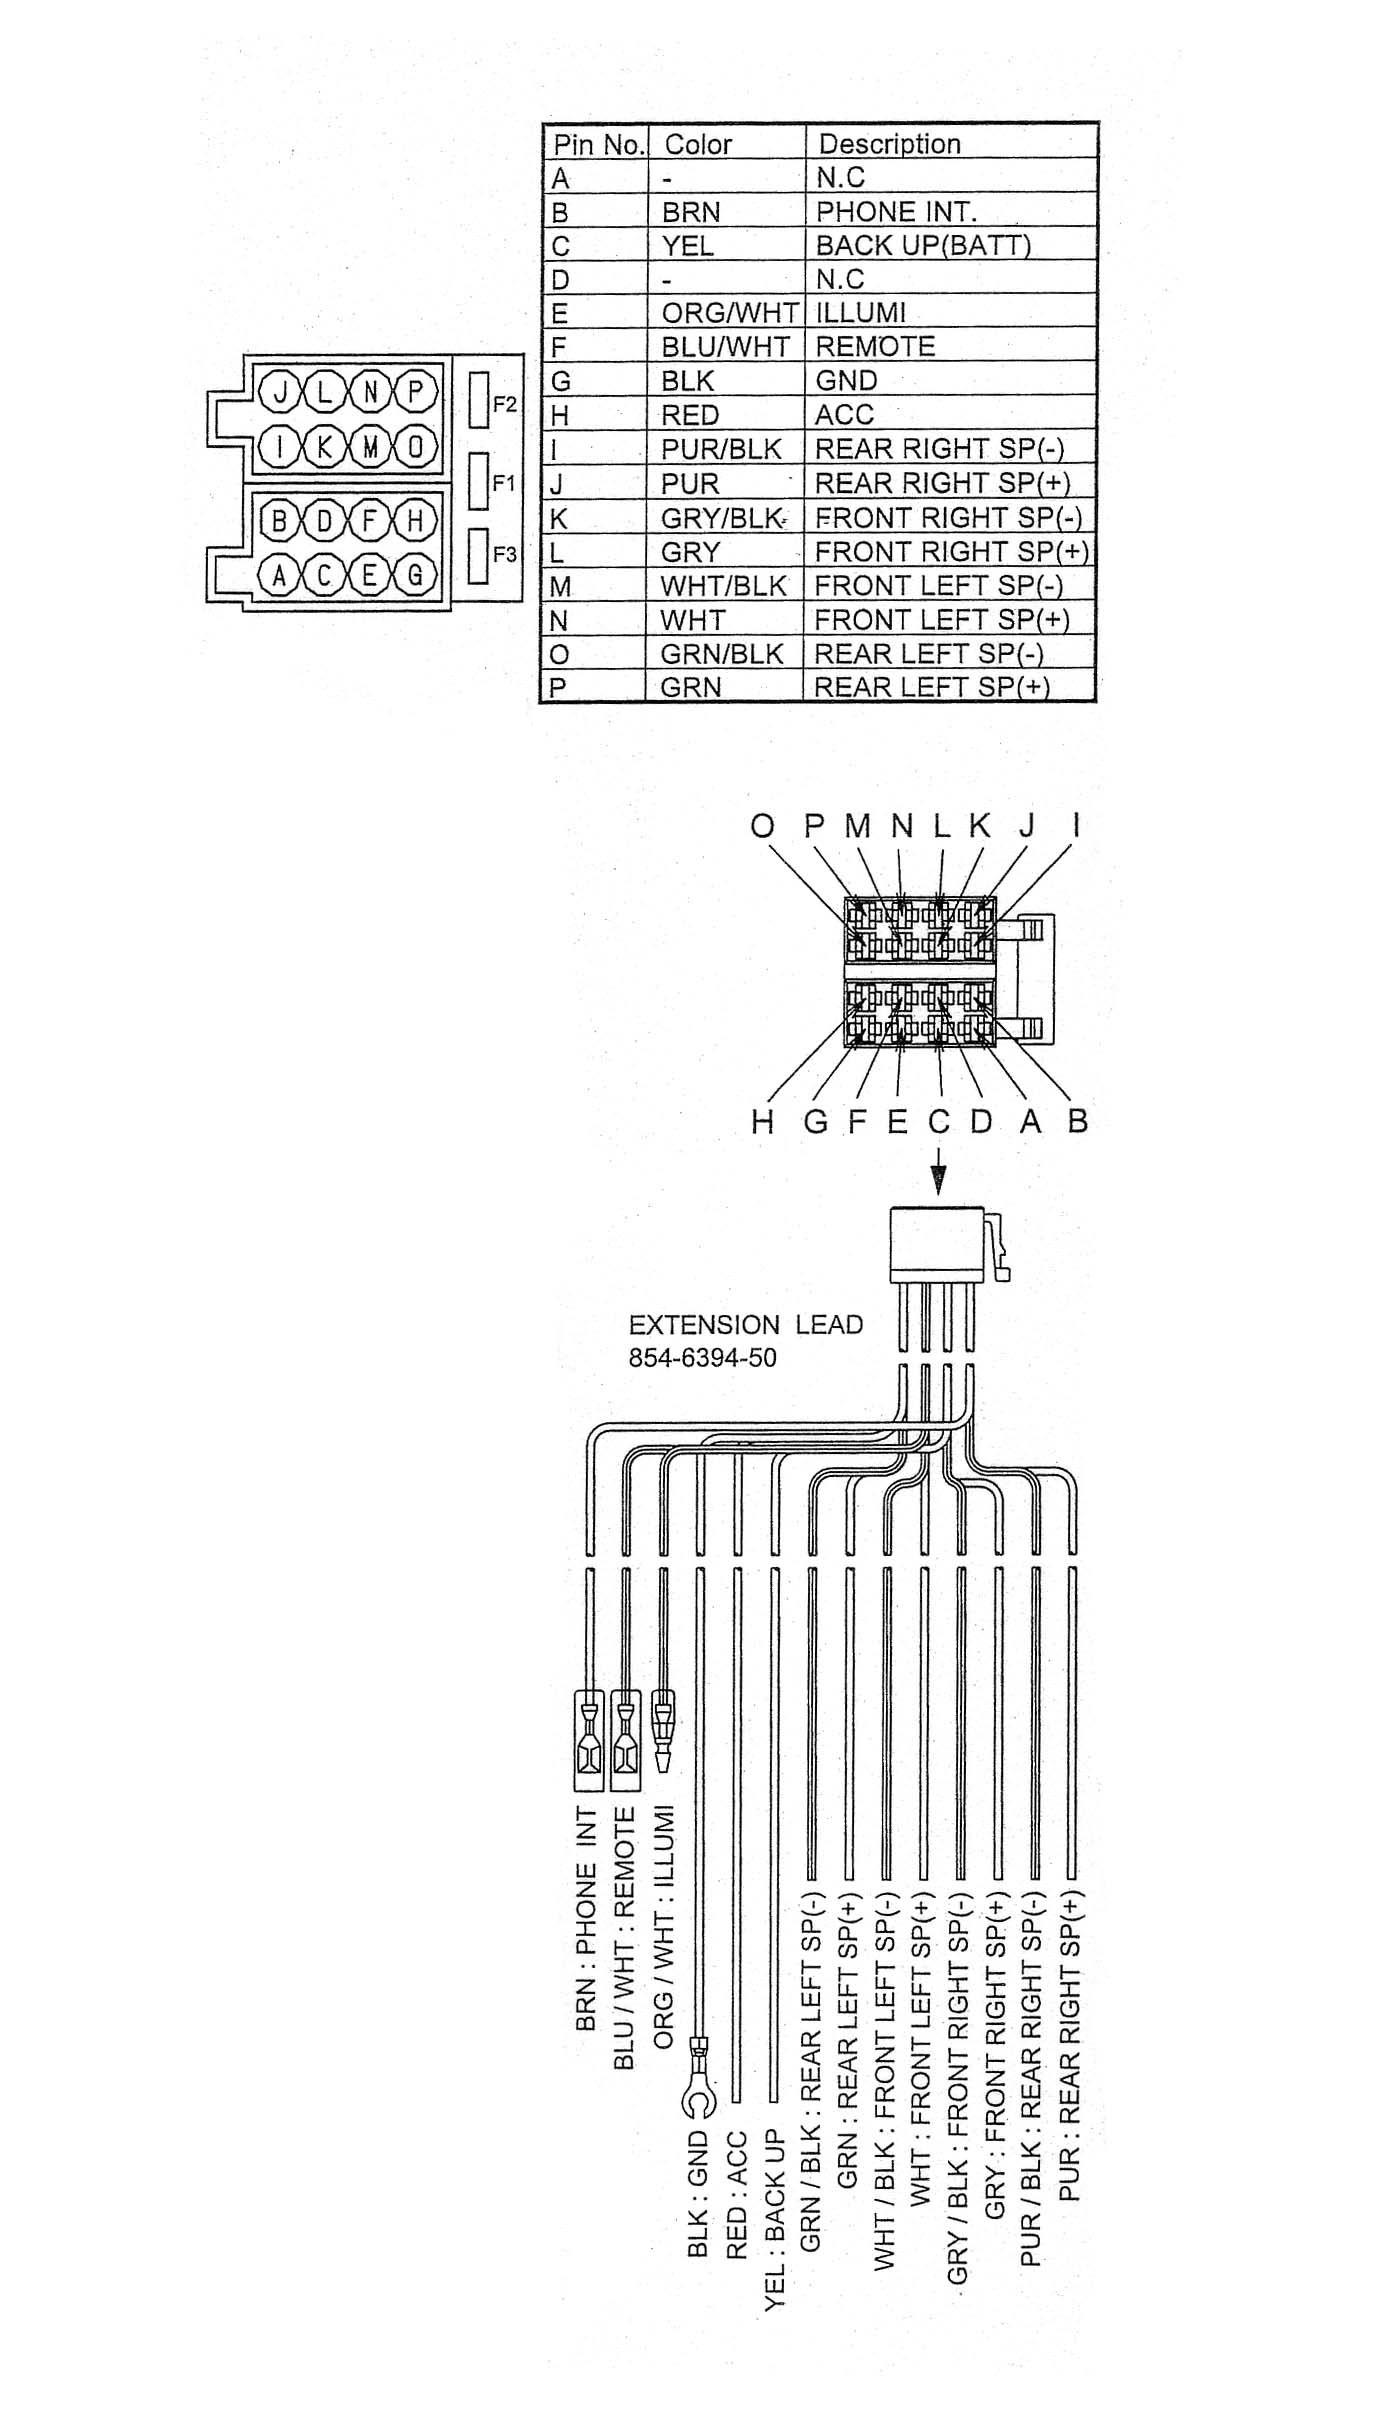 Clarion M309 Wiring Diagram - Free Download Wiring Diagram